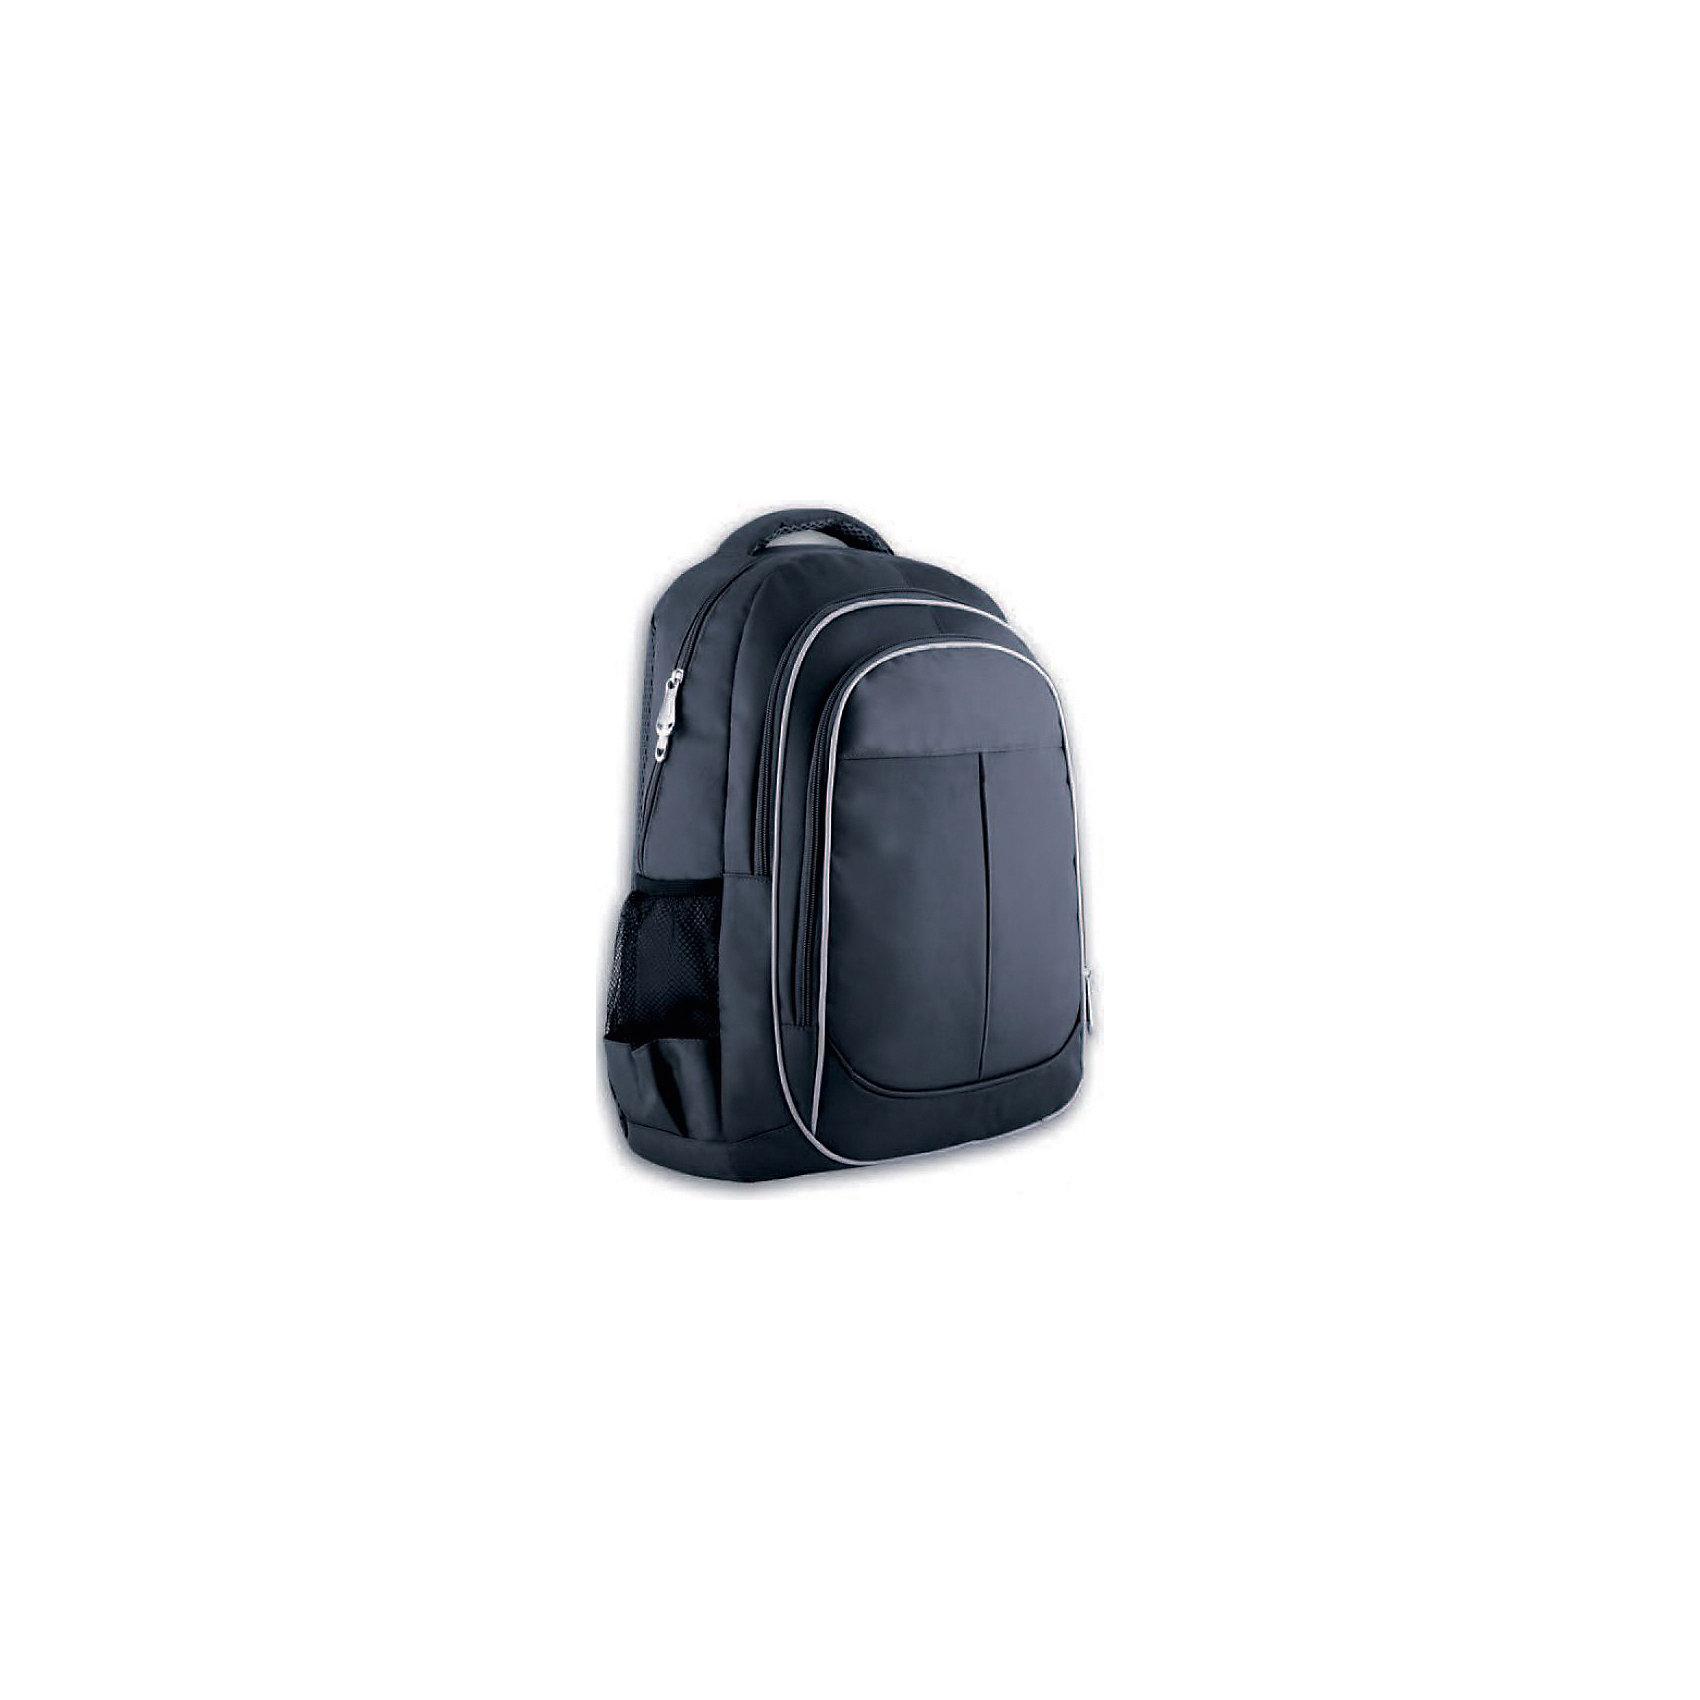 Рюкзак молодежный Феникс+, графитовыйРюкзаки<br>Рюкзак молодежный  ГРАФИТОВЫЙ (44х34х13см, полиэстер, светоотраж. элементы, уплотн. лямки с регулировкой, 2 фронт. и 2 бок. кармана, индив. ПЭТ-пакет)<br><br>Ширина мм: 450<br>Глубина мм: 310<br>Высота мм: 25<br>Вес г: 505<br>Возраст от месяцев: 72<br>Возраст до месяцев: 2147483647<br>Пол: Унисекс<br>Возраст: Детский<br>SKU: 7046423